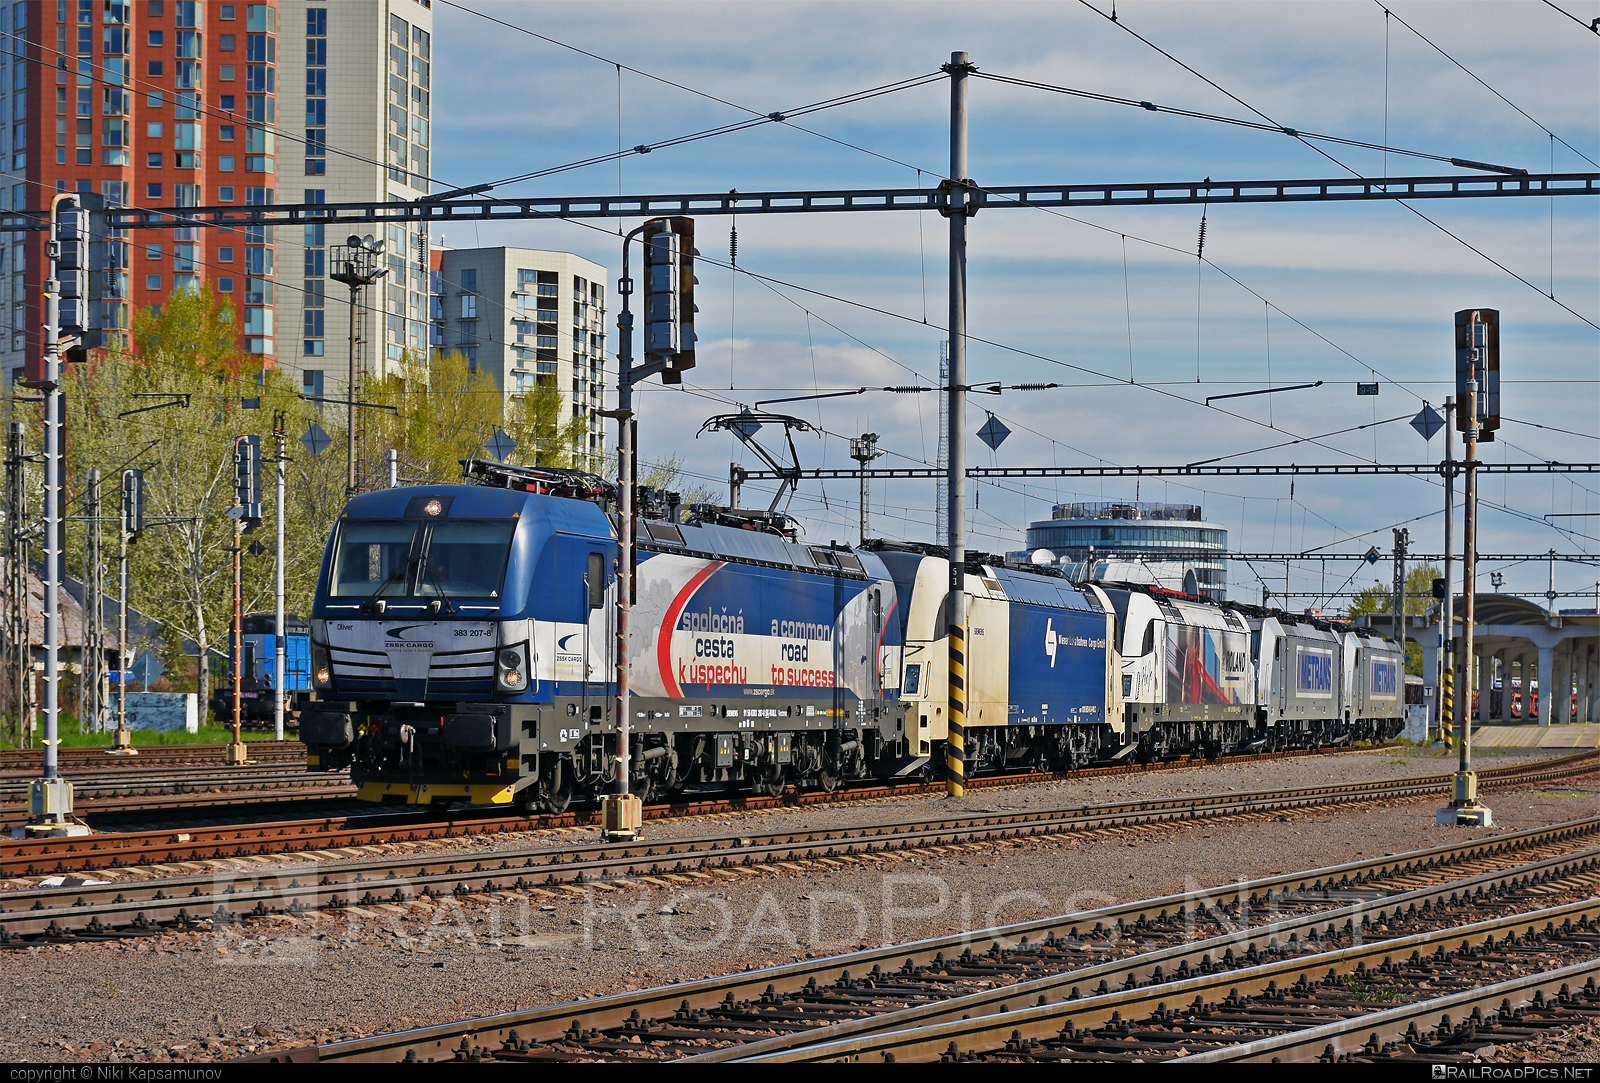 Siemens Vectron MS - 383 207-8 operated by Železničná Spoločnost' Cargo Slovakia a.s. #RollingStockLease #RollingStockLeaseSro #ZeleznicnaSpolocnostCargoSlovakia #raill #siemens #siemensvectron #siemensvectronms #vectron #vectronms #zsskcargo